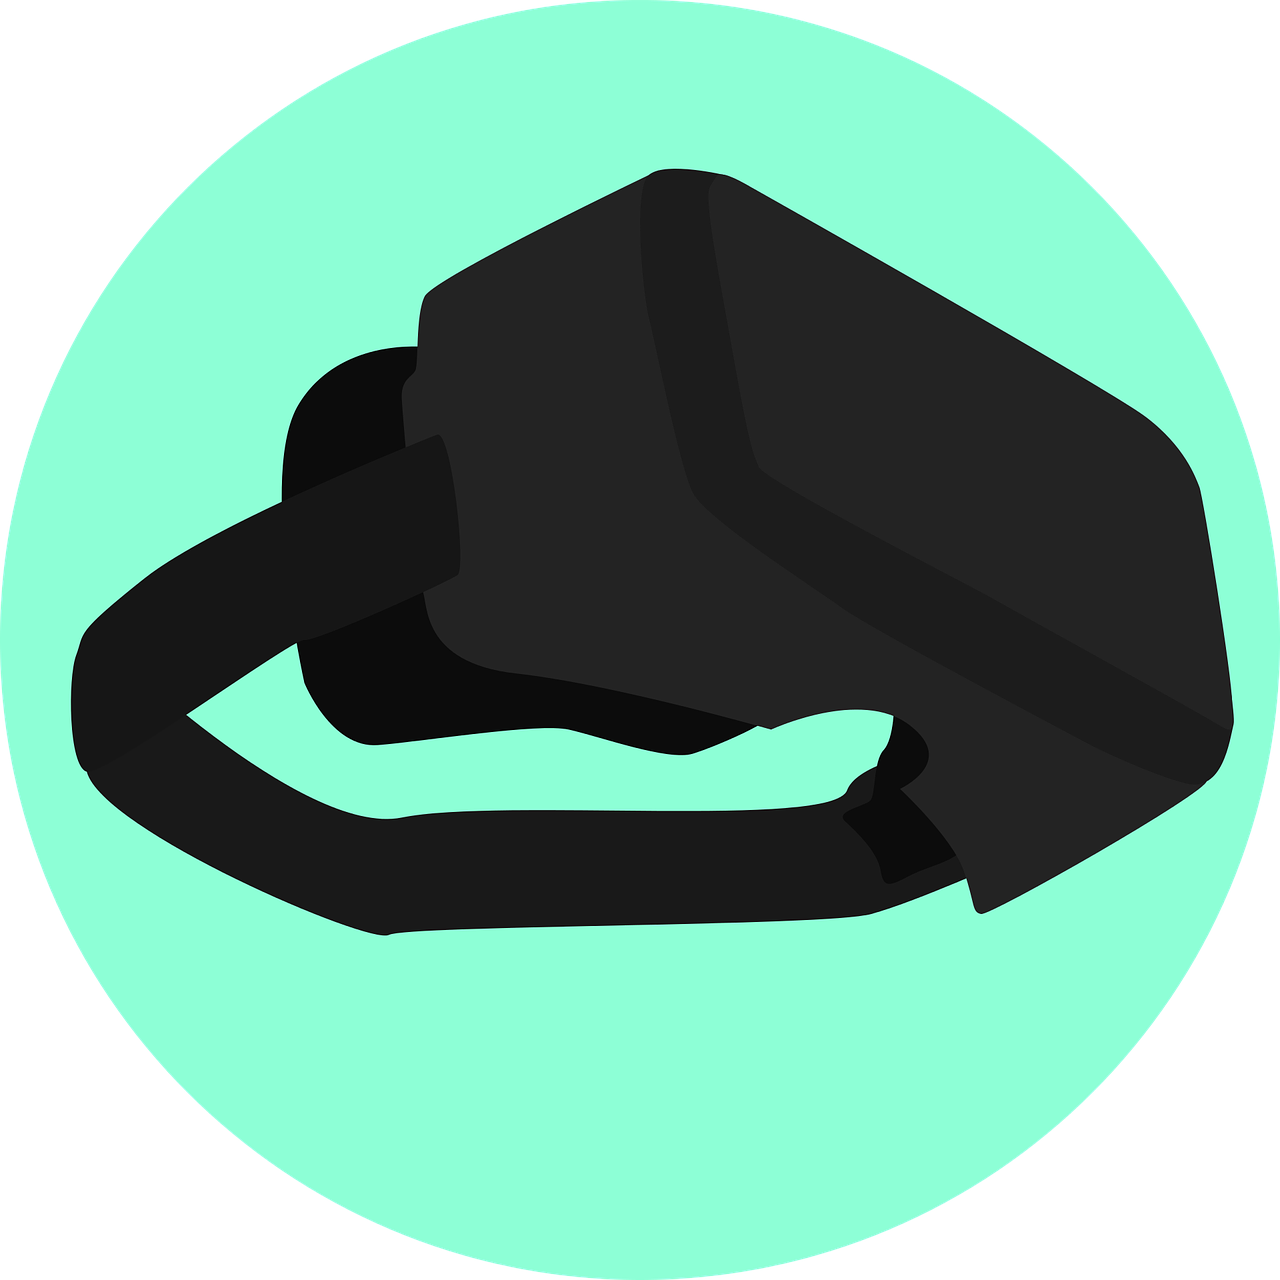 vr, virtual reality, simulation-1911452.jpg